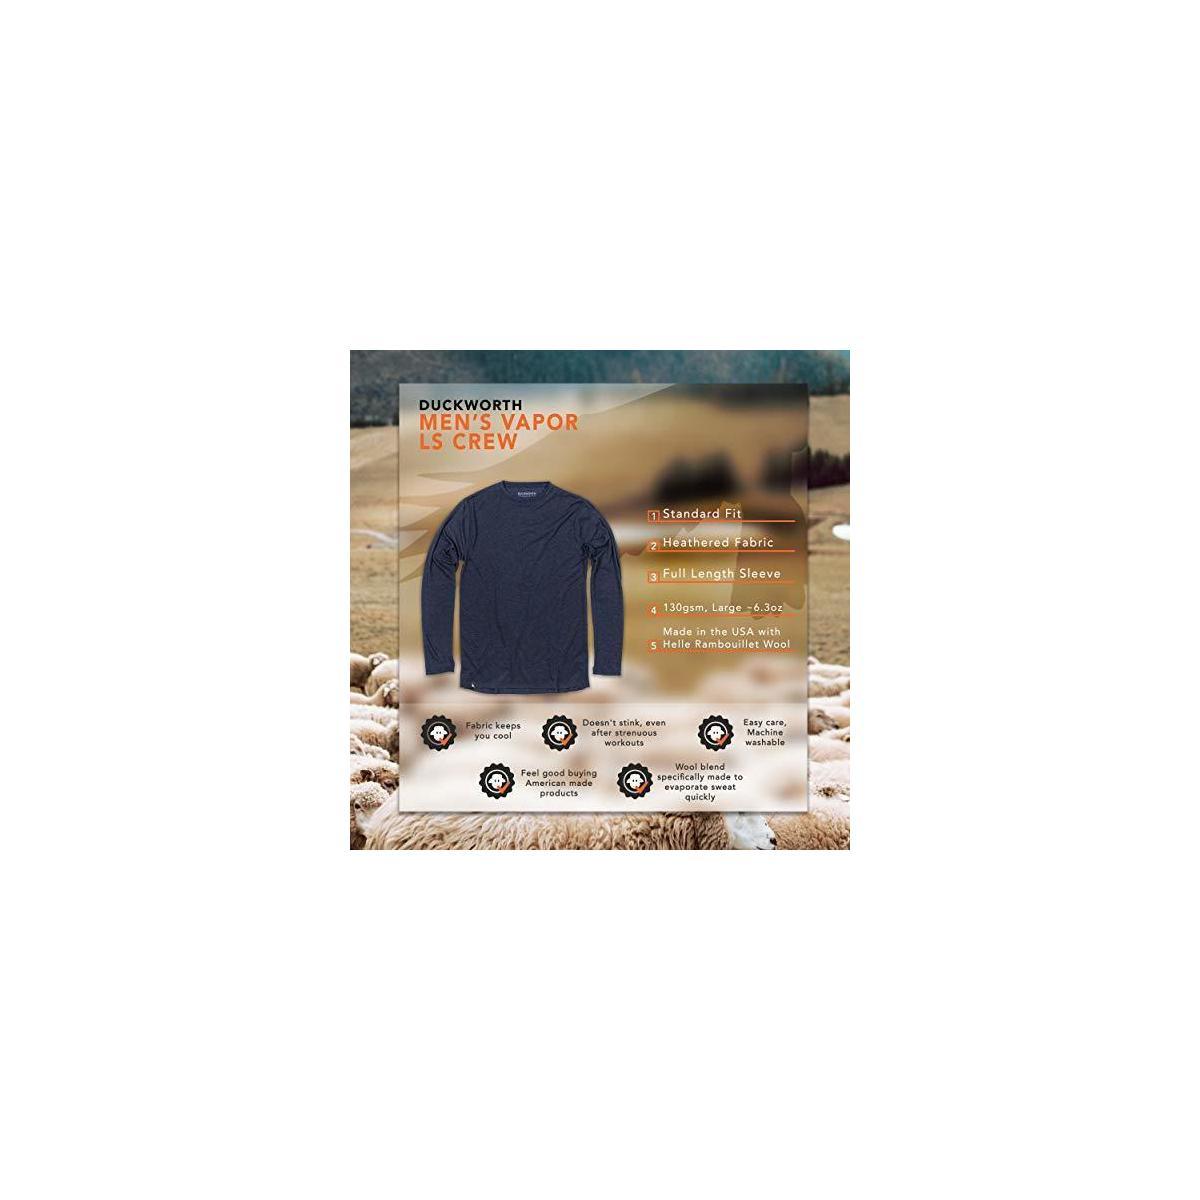 Duckworth Vapor Wool Long-Sleeve Crew - Men's